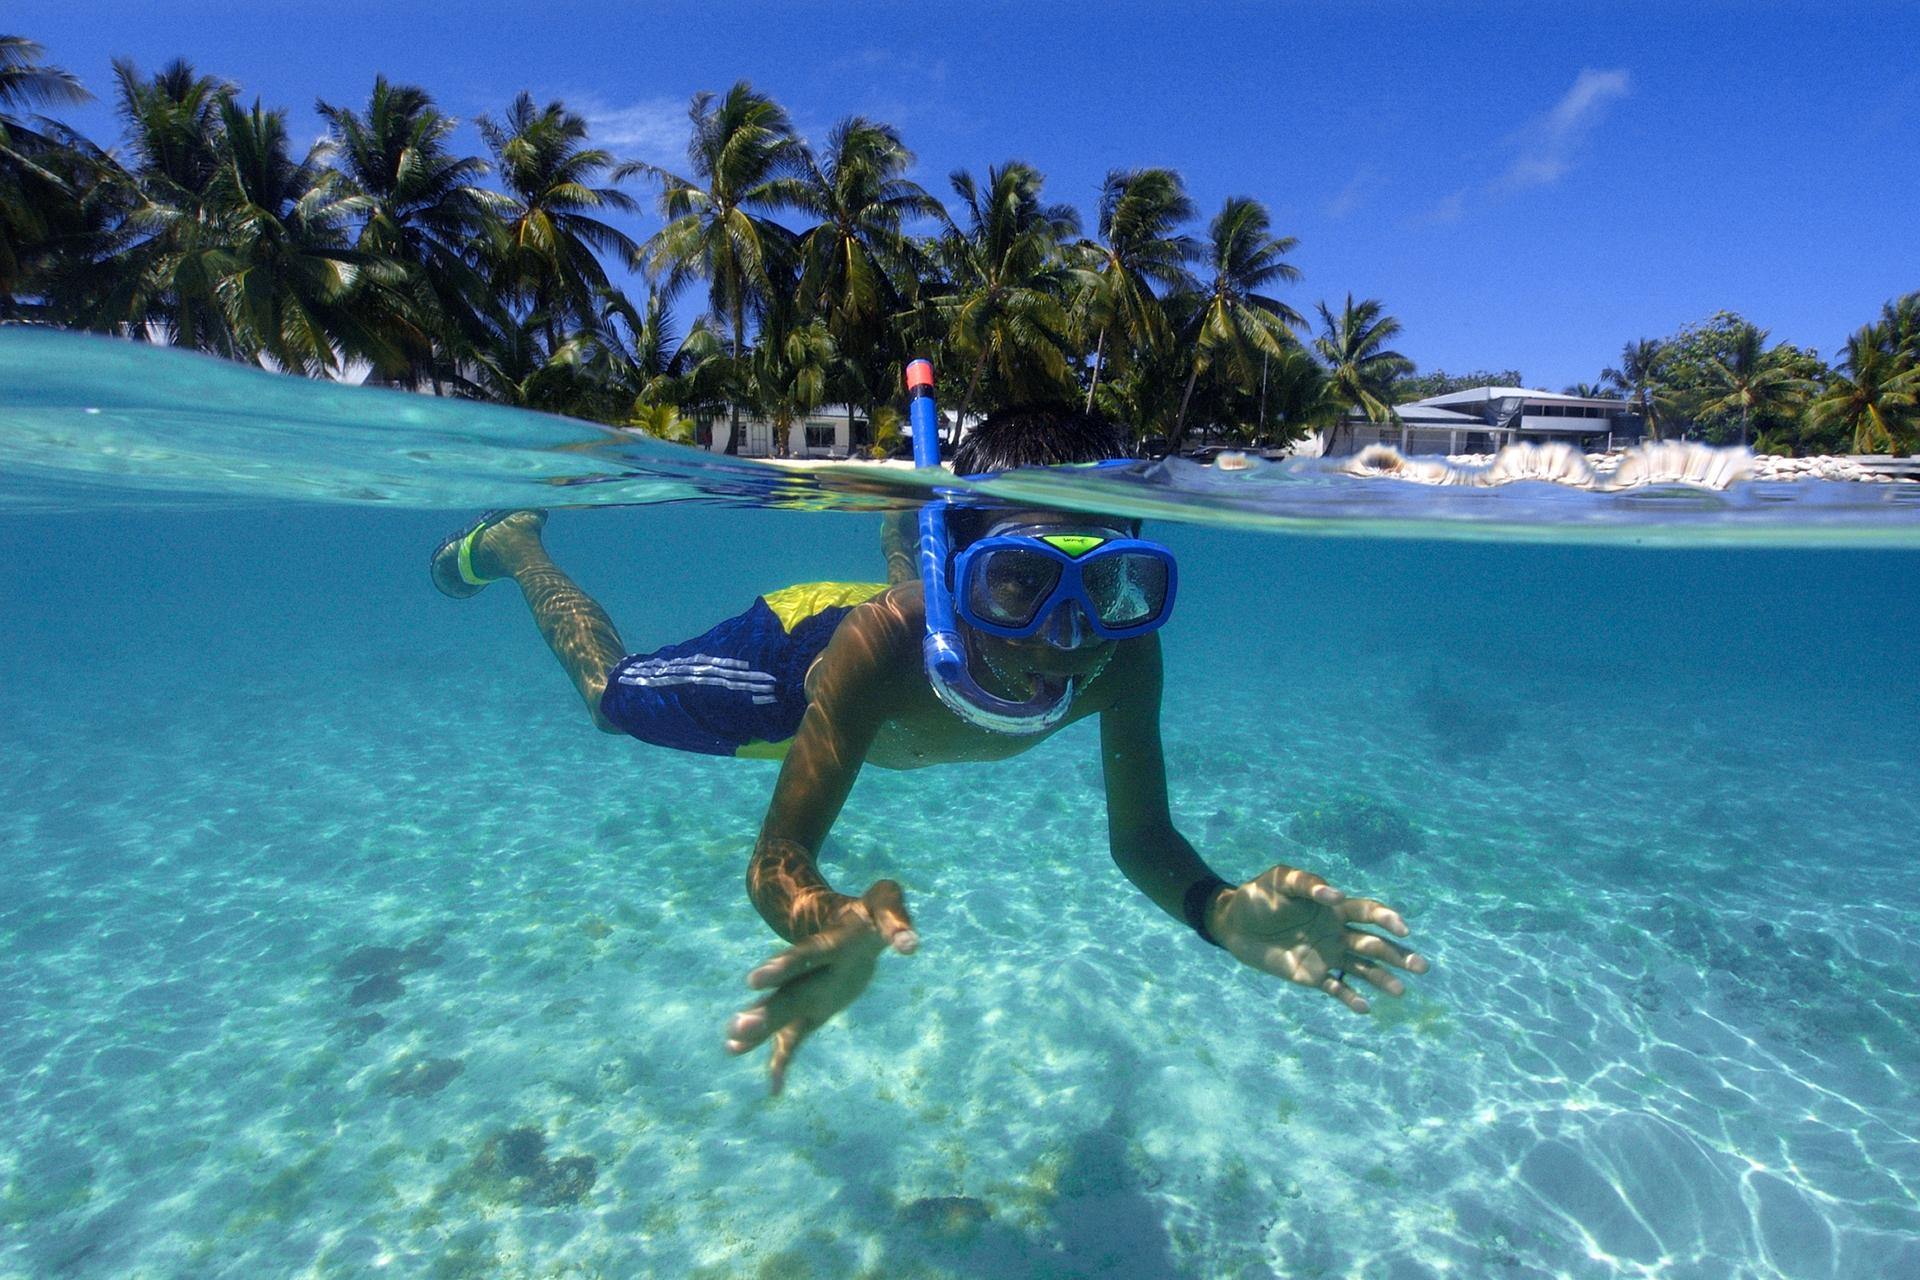 multi-image composition Mashalhese boy swimming